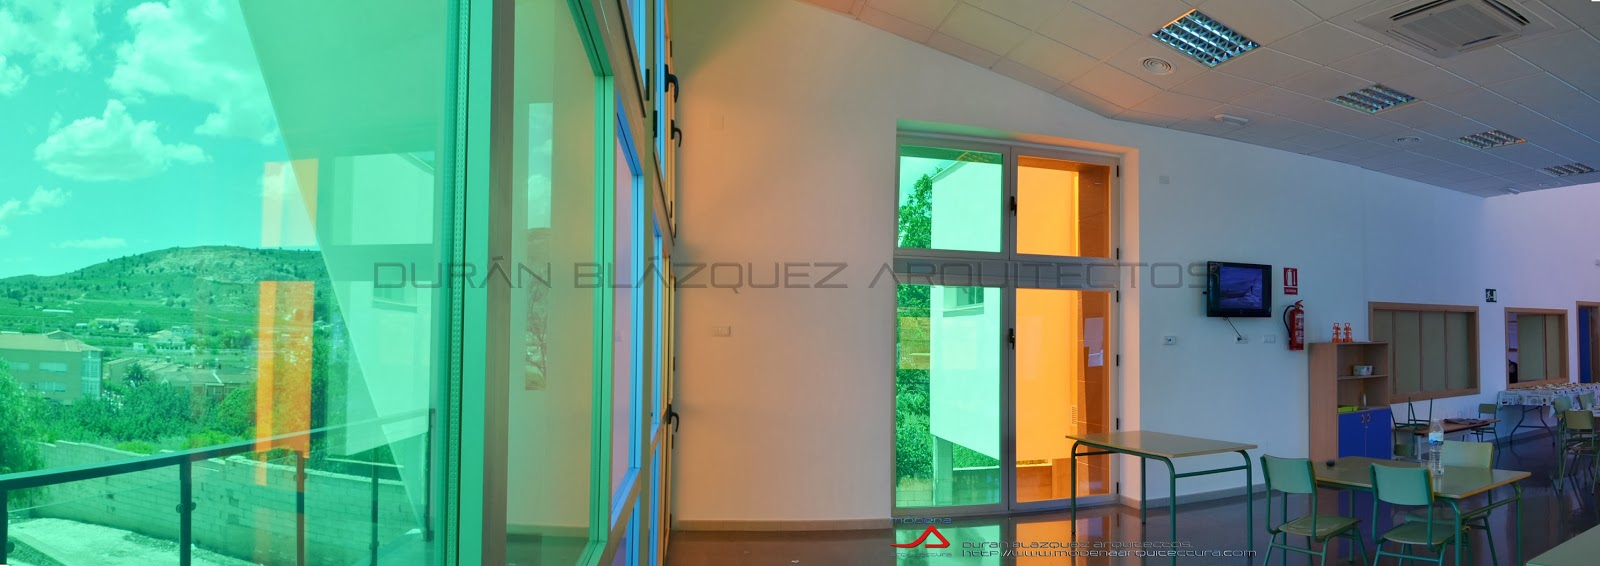 http://www.duranblazquez.co.nr/